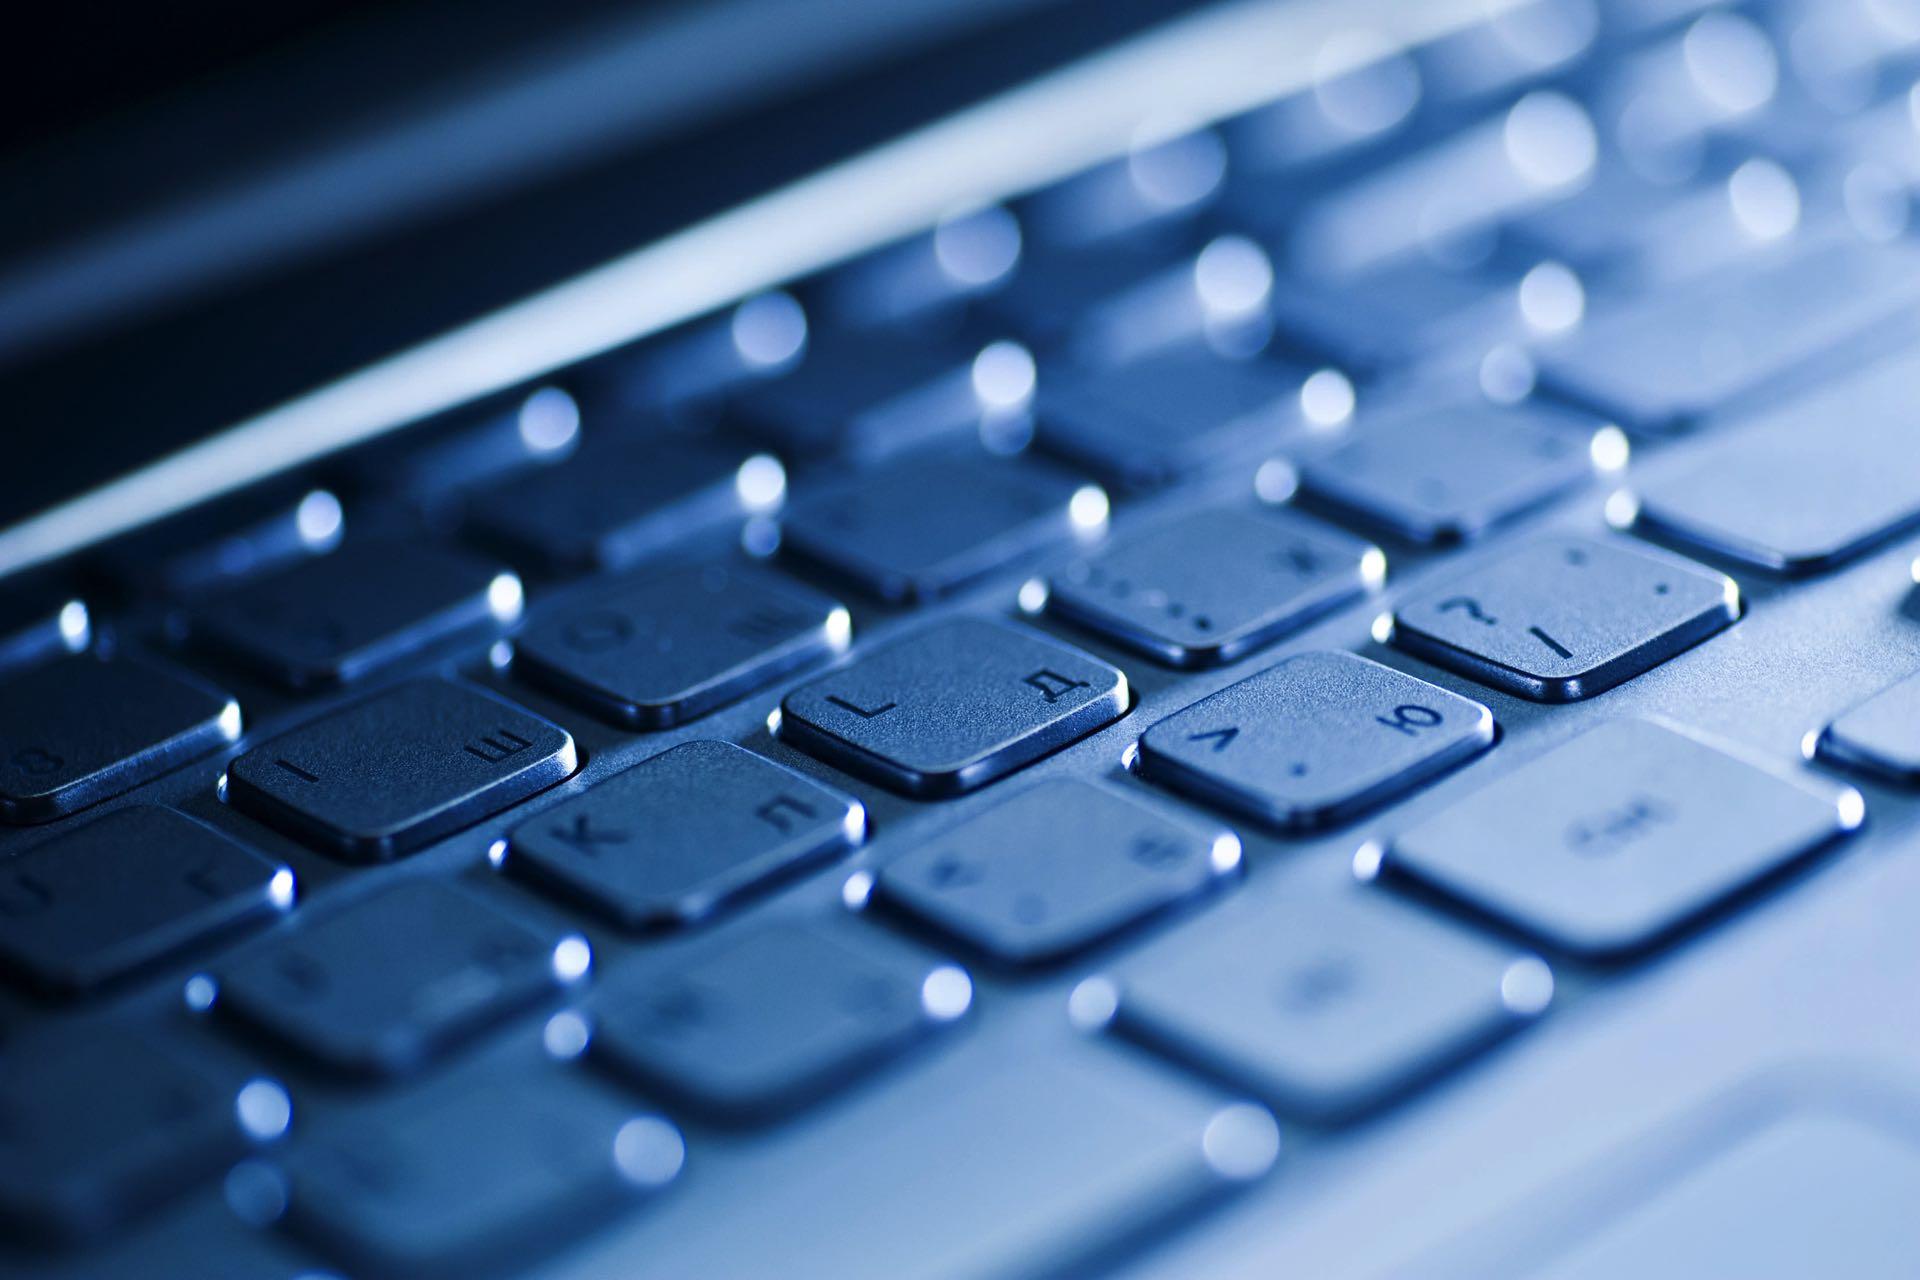 tastaturHD